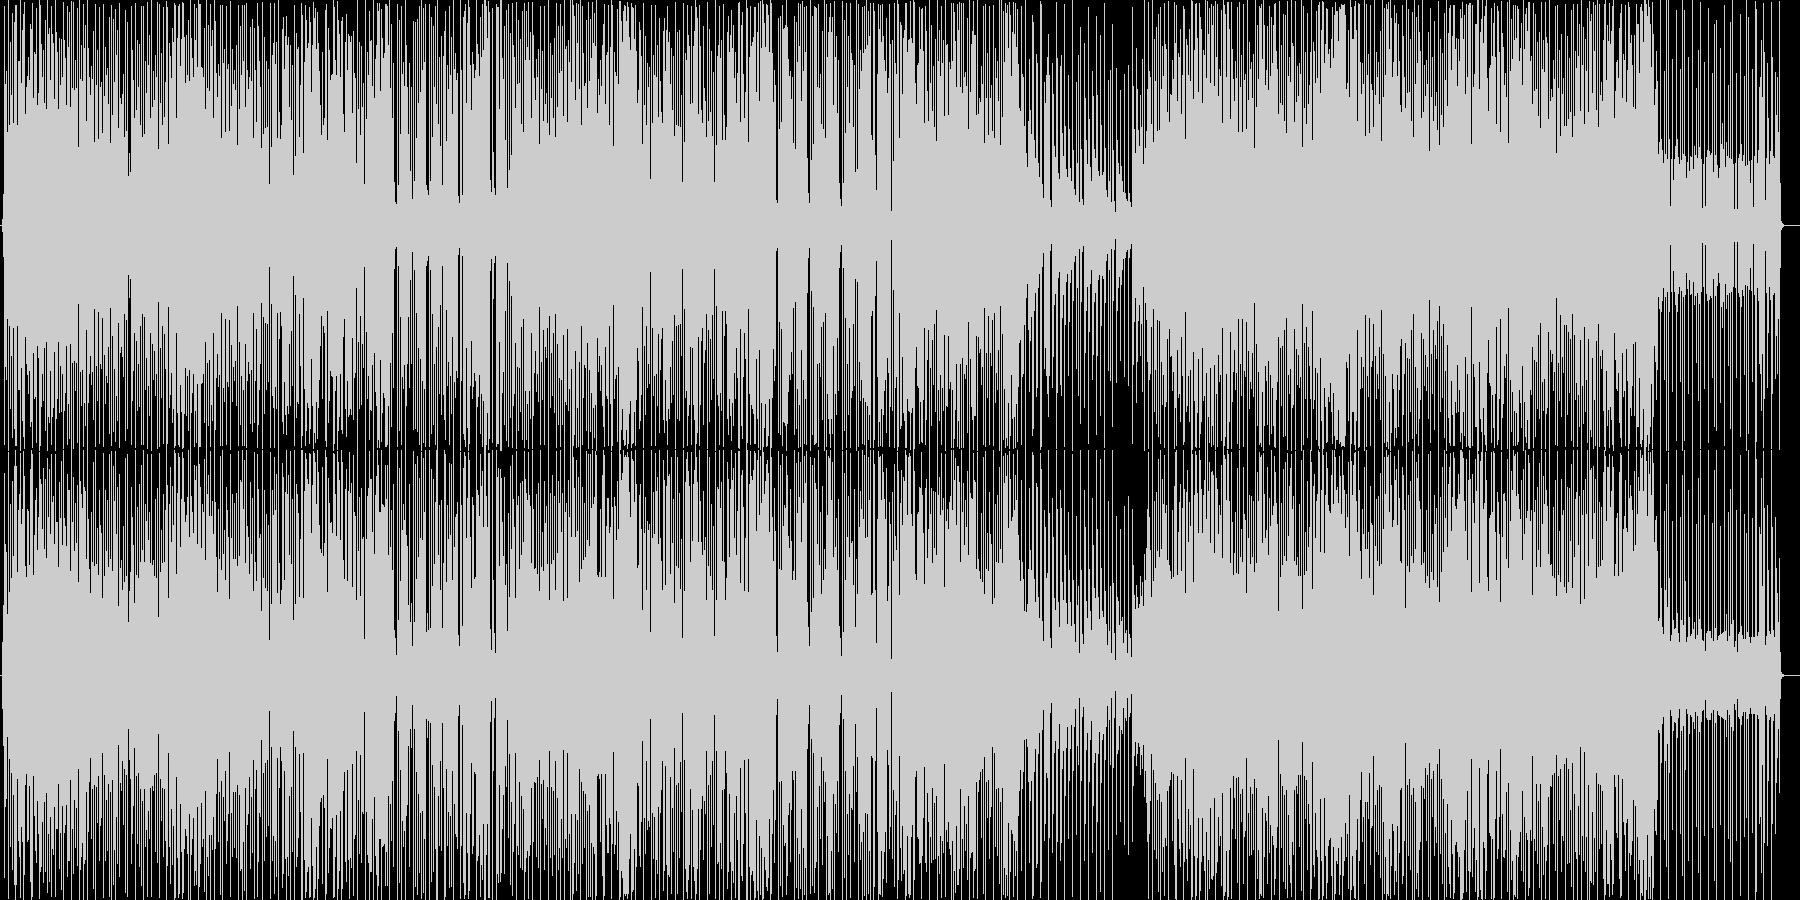 ディスコでキラキラした明るいBGMの未再生の波形